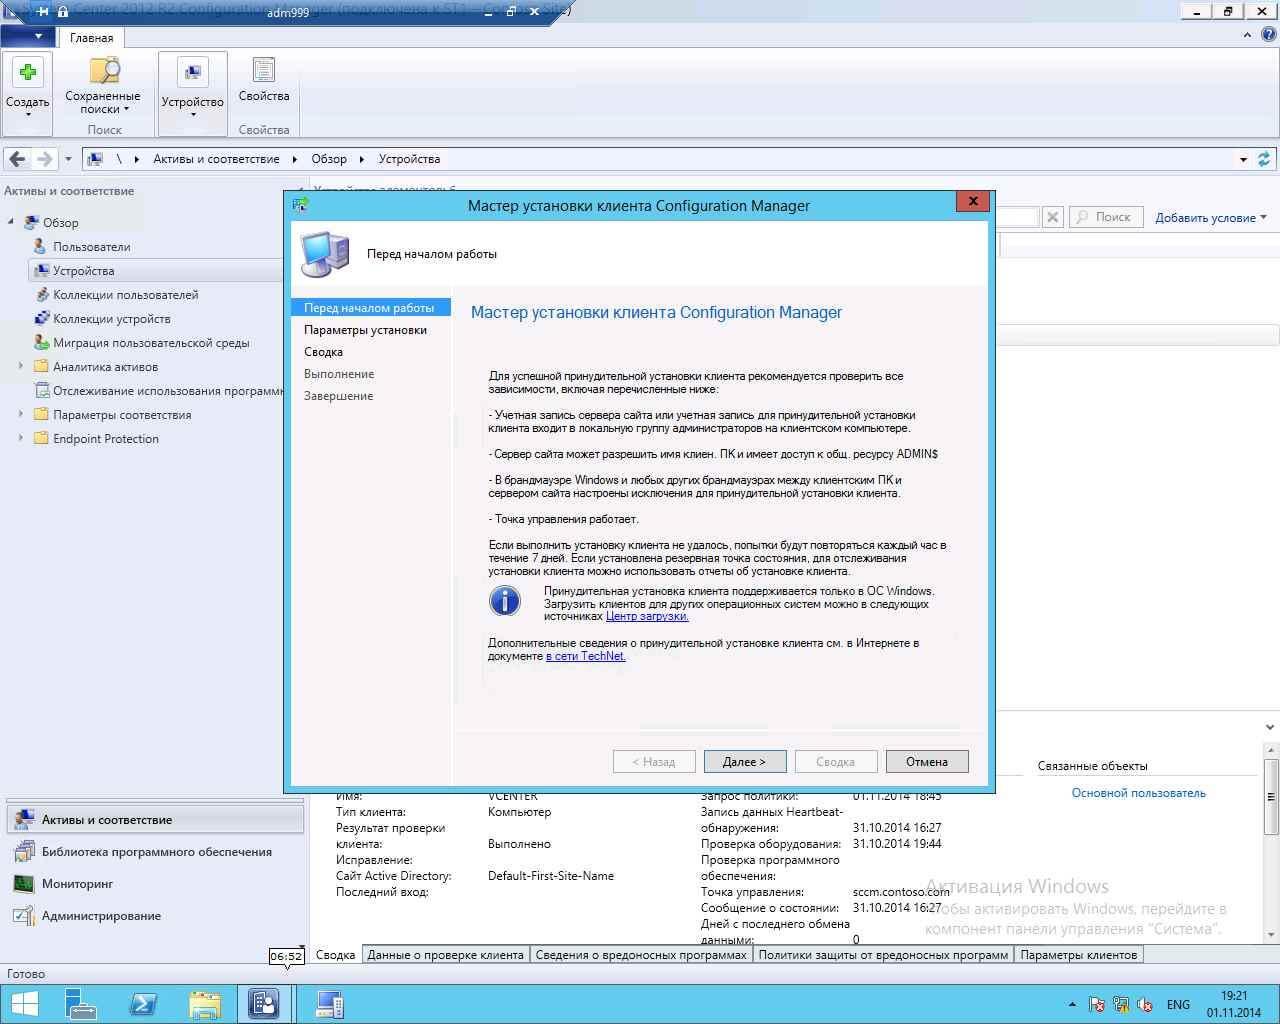 Как установить SCCM (System Center Configuration Manager) 2012R2 в windows server 2012R2 -6 часть. Как принудительно установить клиента-09